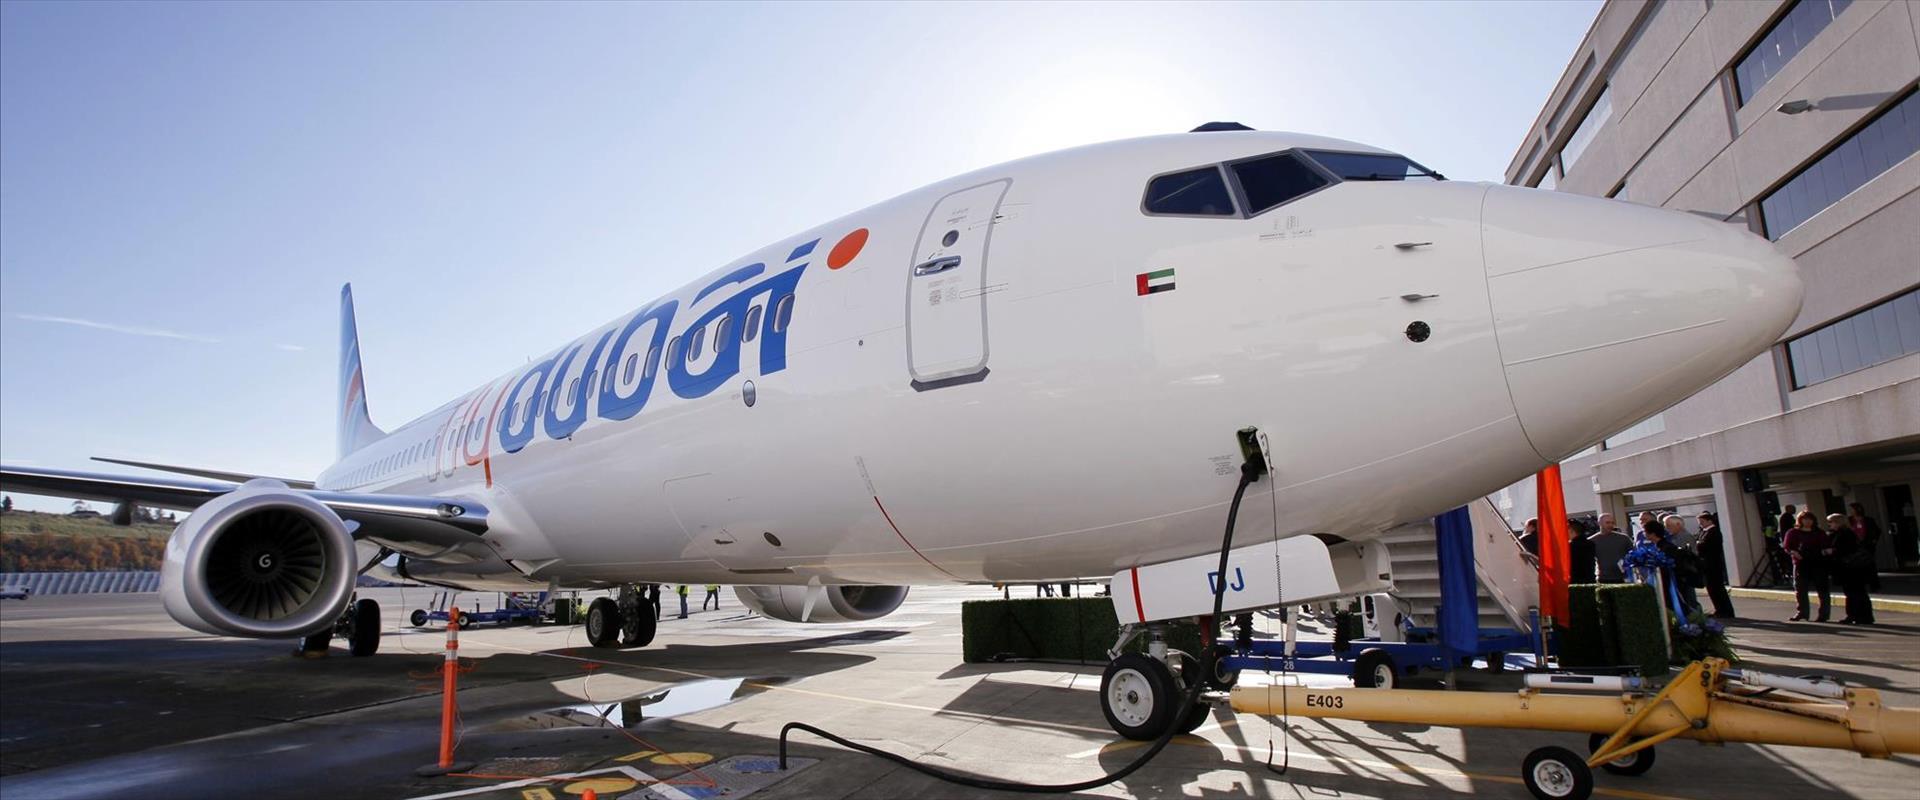 מטוס של חברת פליי דובאי